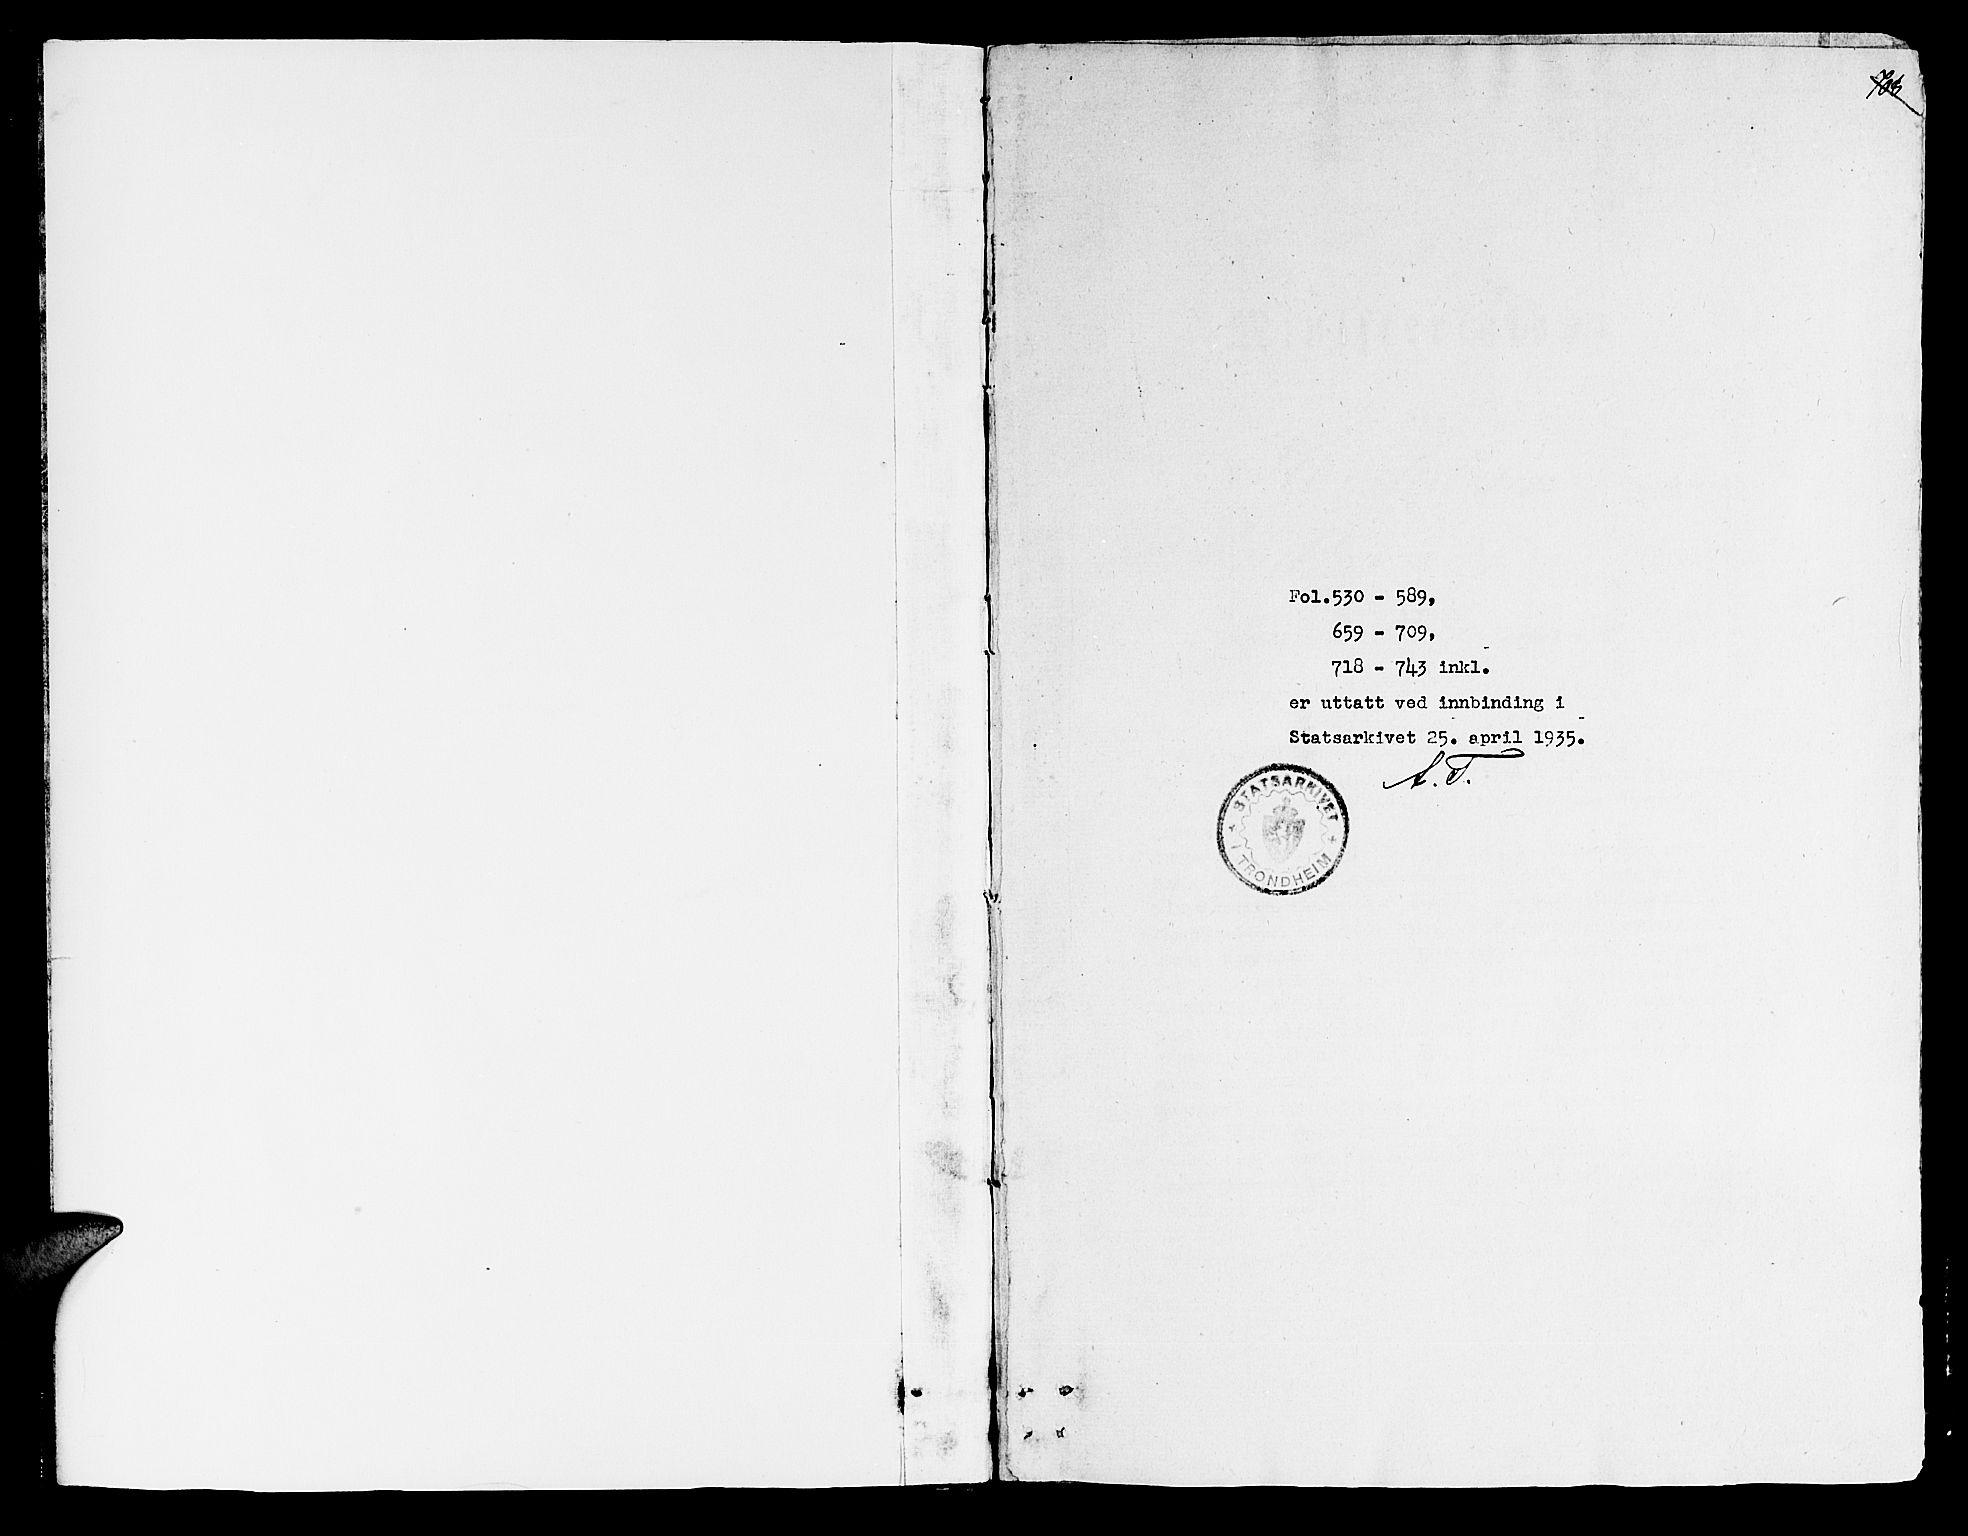 SAT, Ministerialprotokoller, klokkerbøker og fødselsregistre - Nord-Trøndelag, 709/L0070: Ministerialbok nr. 709A10, 1820-1832